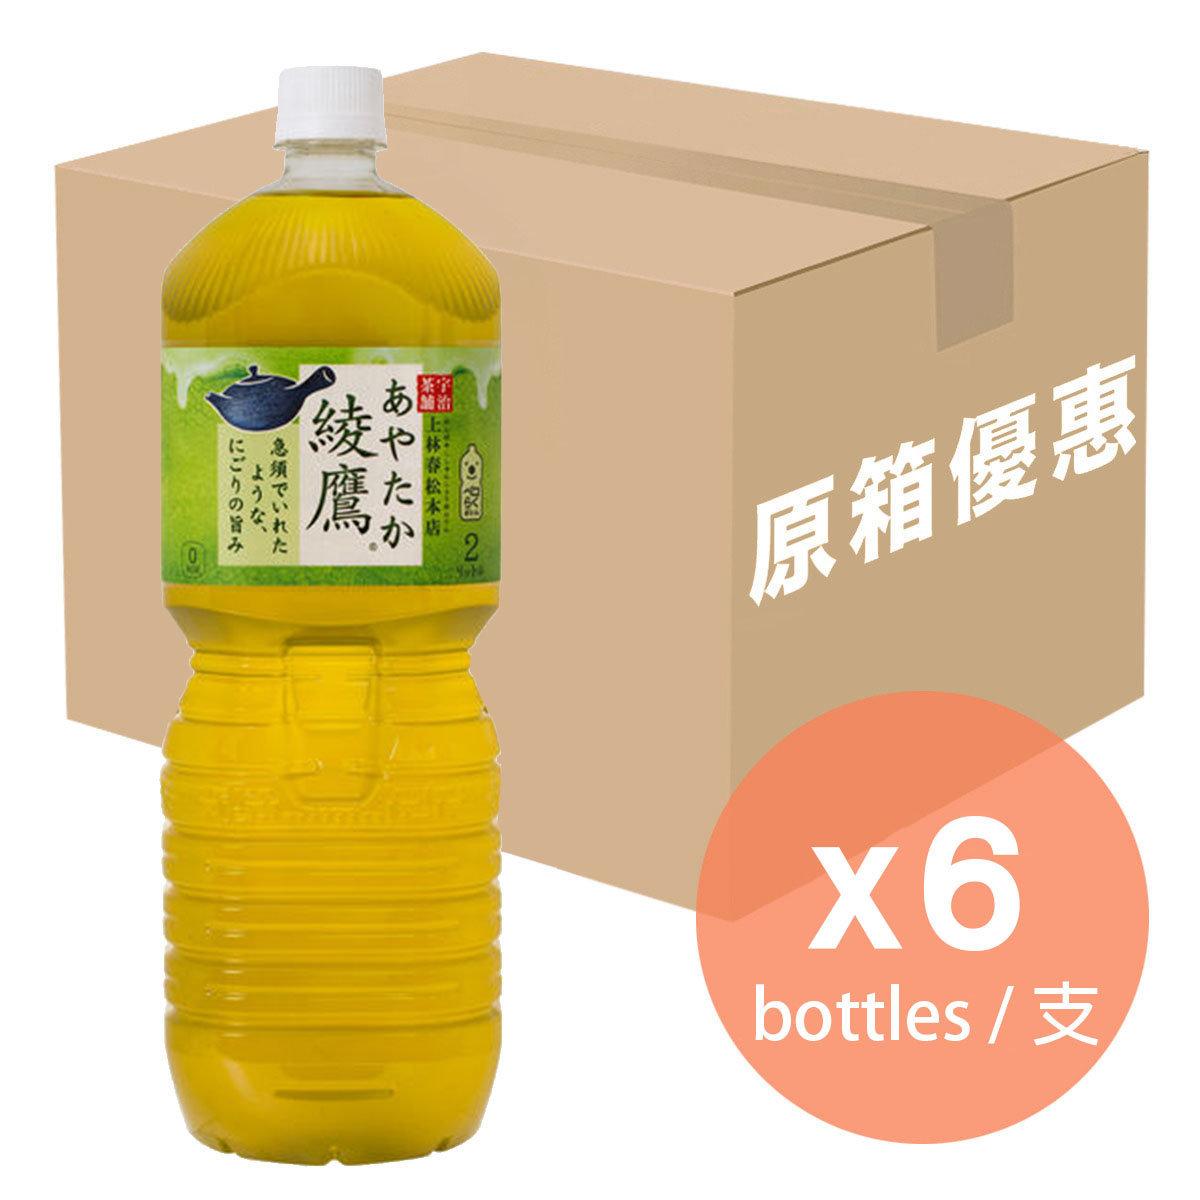 Ayataka Green Tea 2L x 6(Box)